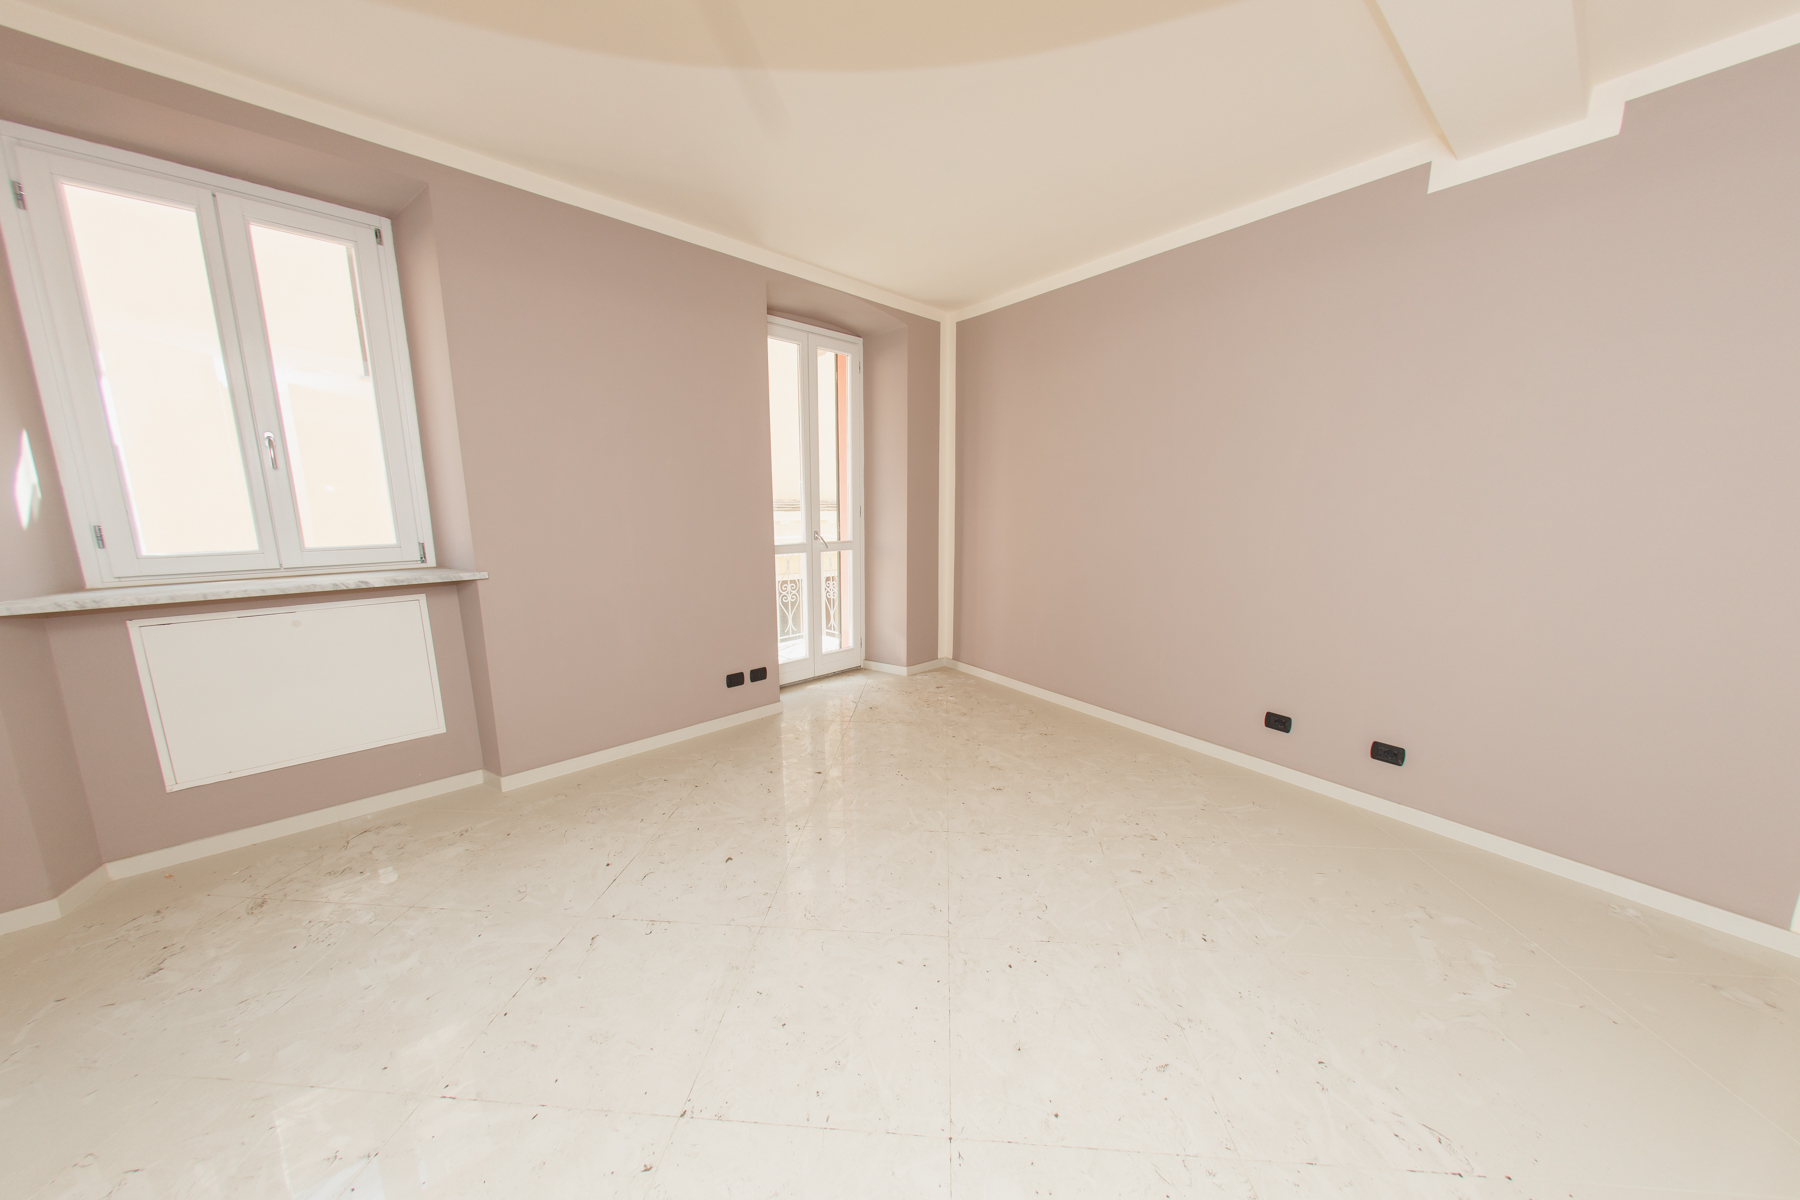 Appartamento in Vendita a Diano Marina: 2 locali, 52 mq - Foto 7